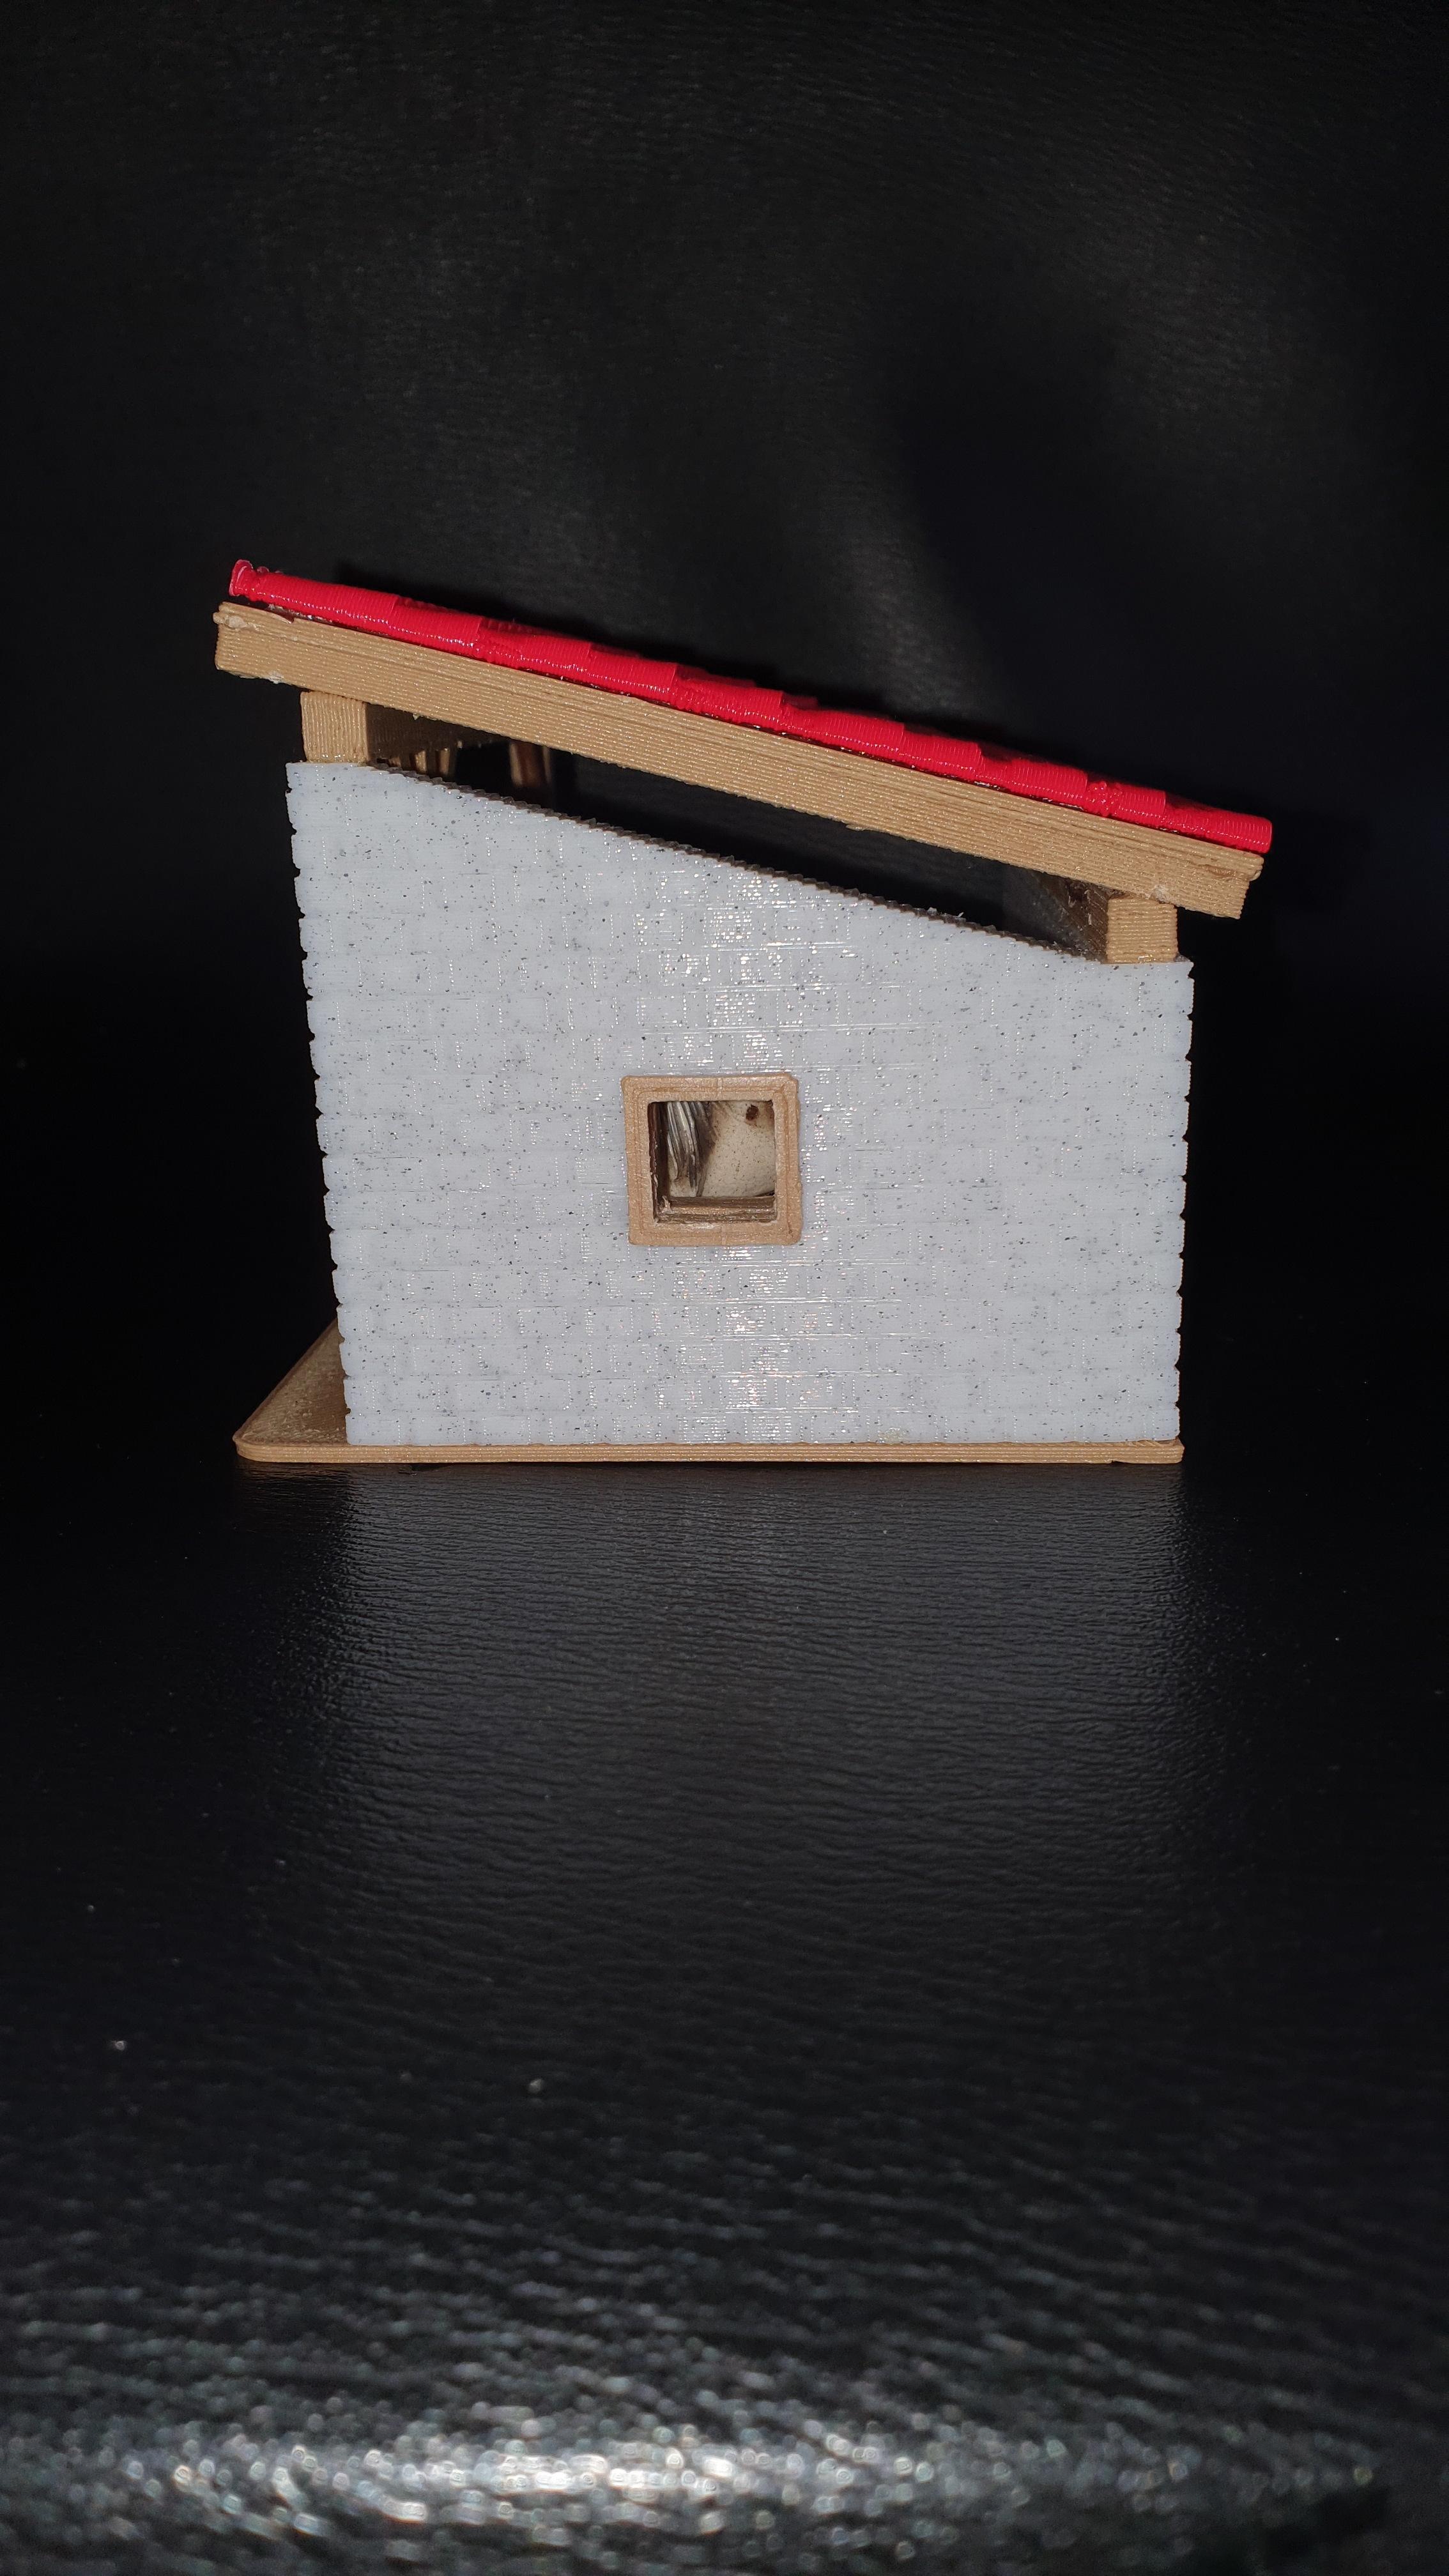 20201122_102950.jpg Télécharger fichier STL crèche de noel finition + • Modèle imprimable en 3D, YOHAN_3D